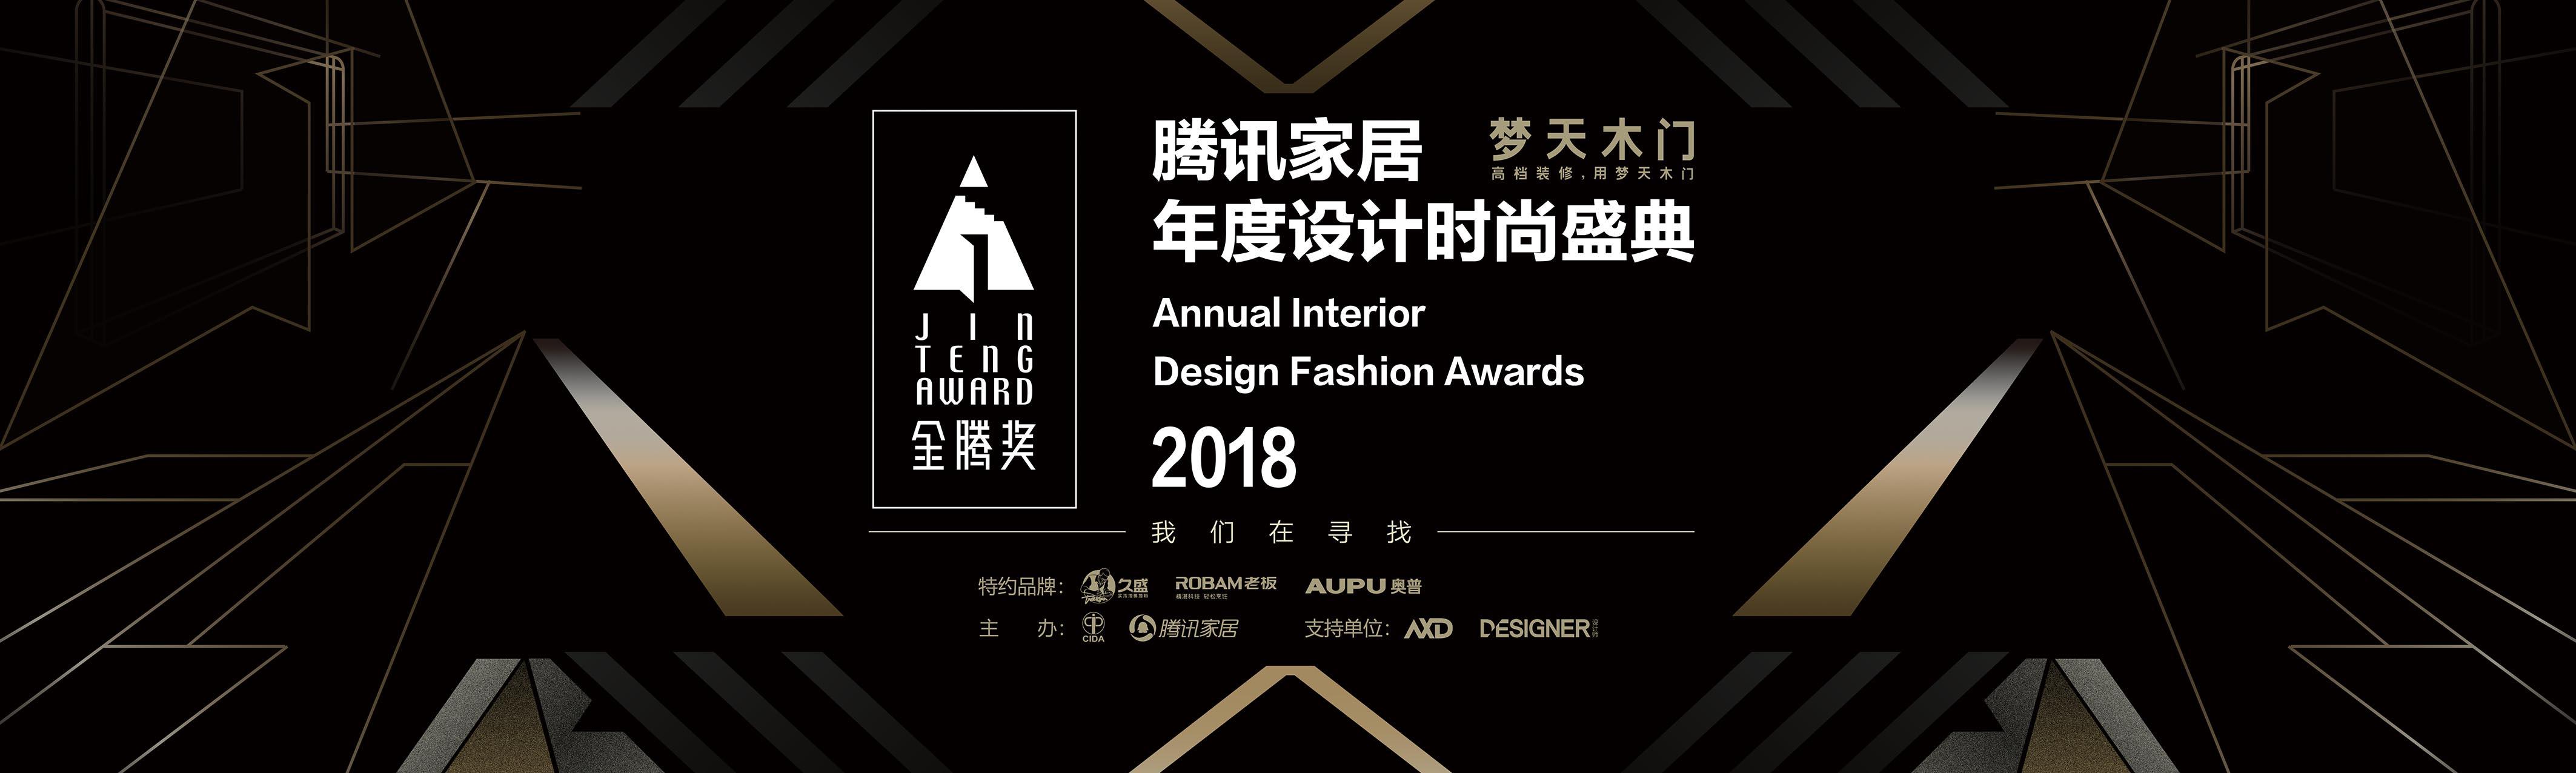 2018腾讯家居年度设计时尚盛典·金腾奖